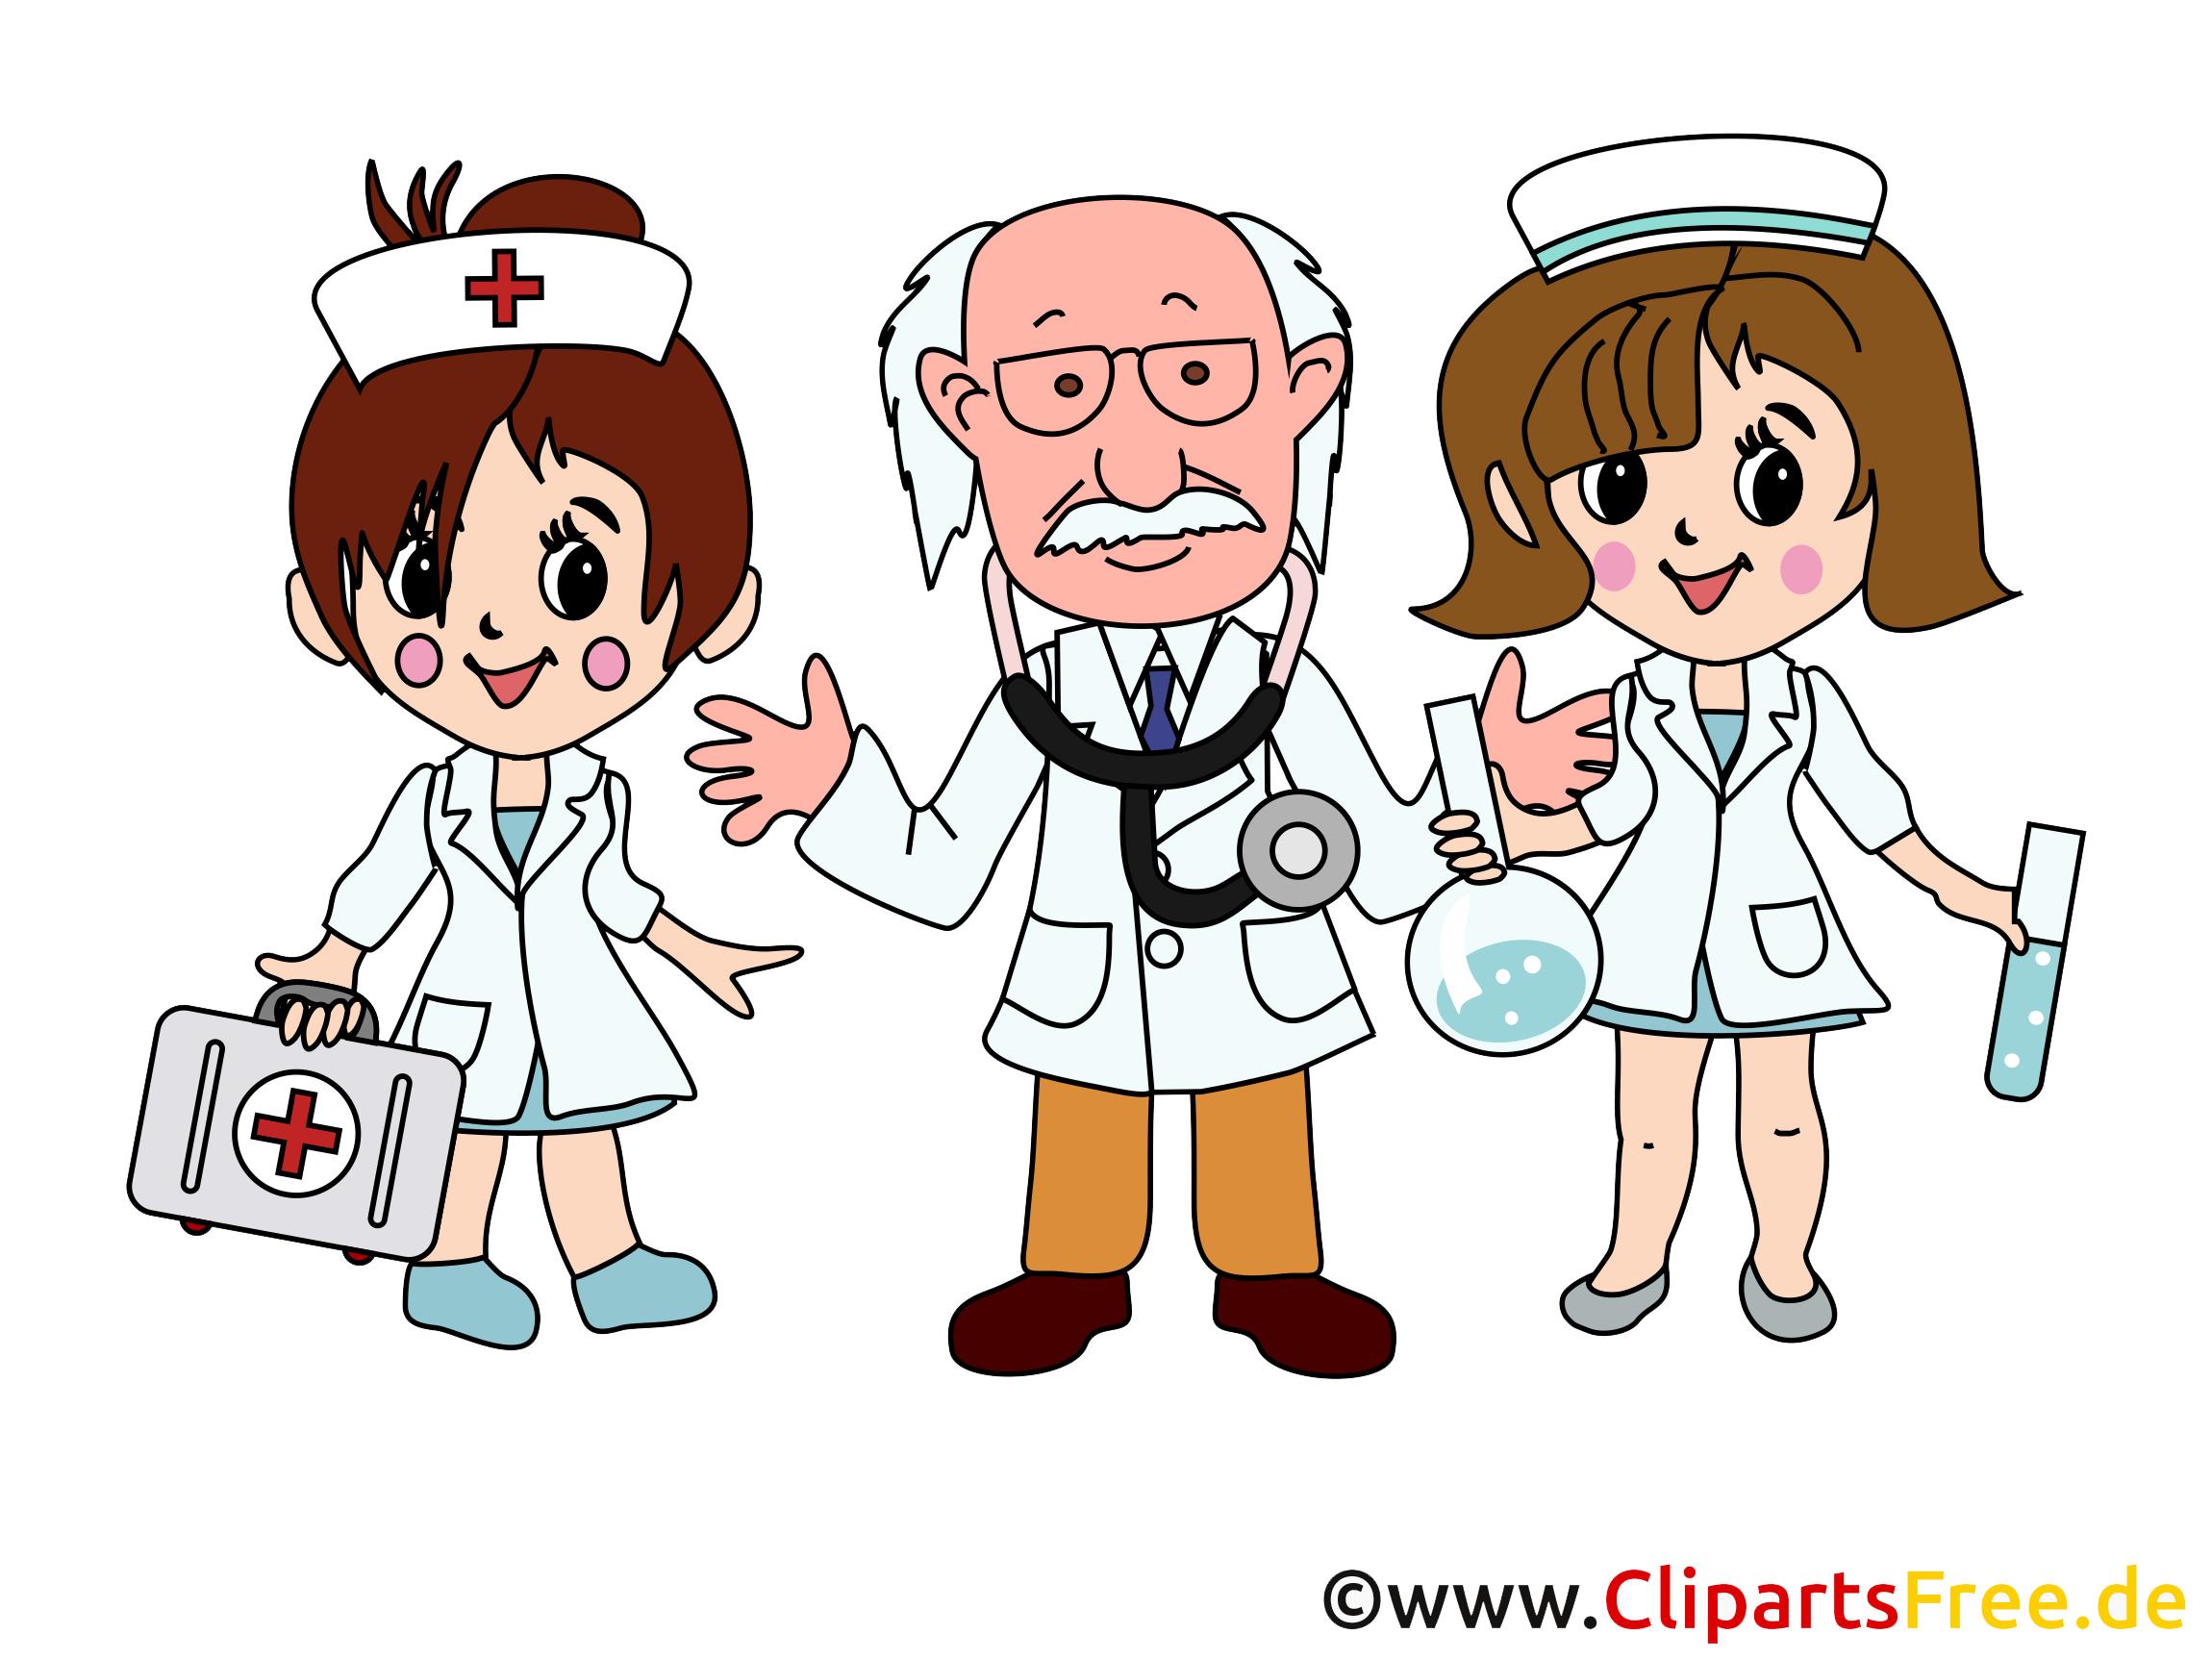 Großartig Arzt Malvorlagen Bilder - Druckbare Malvorlagen - amaichi.info